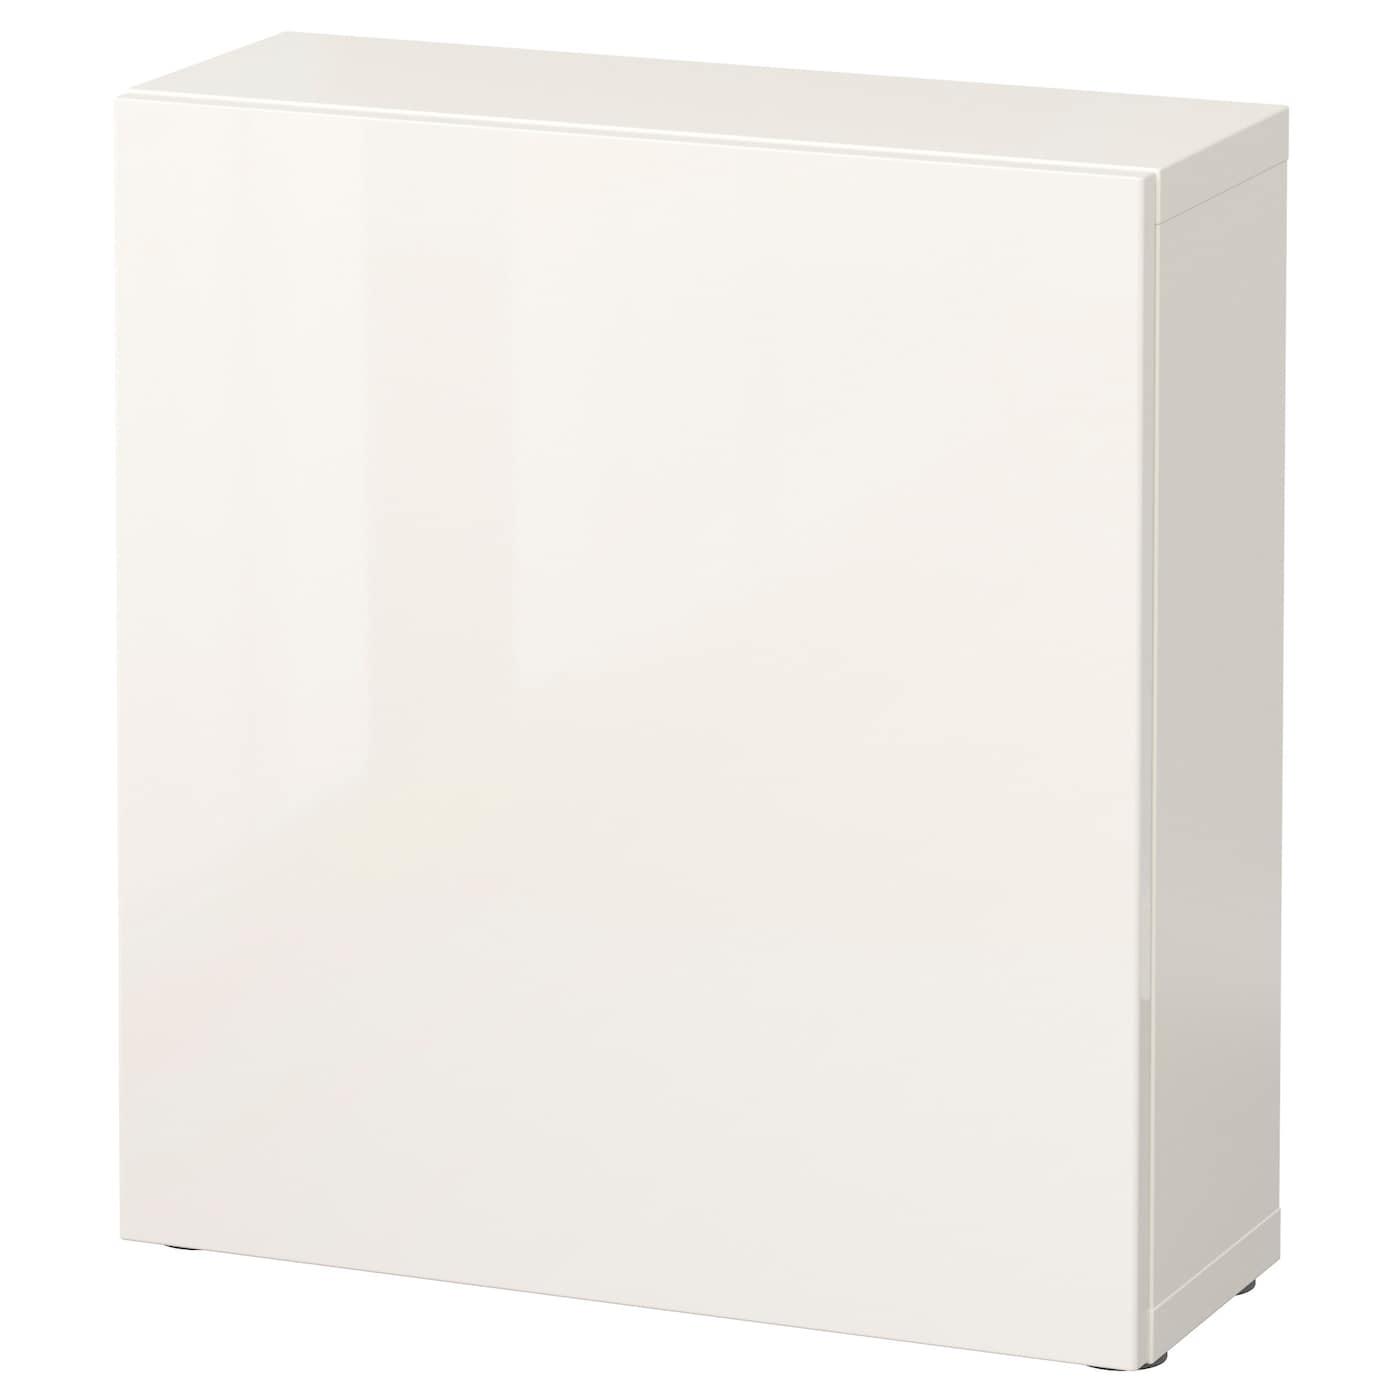 BESTÅ, Regal mit Tür, weiß 290.468.18